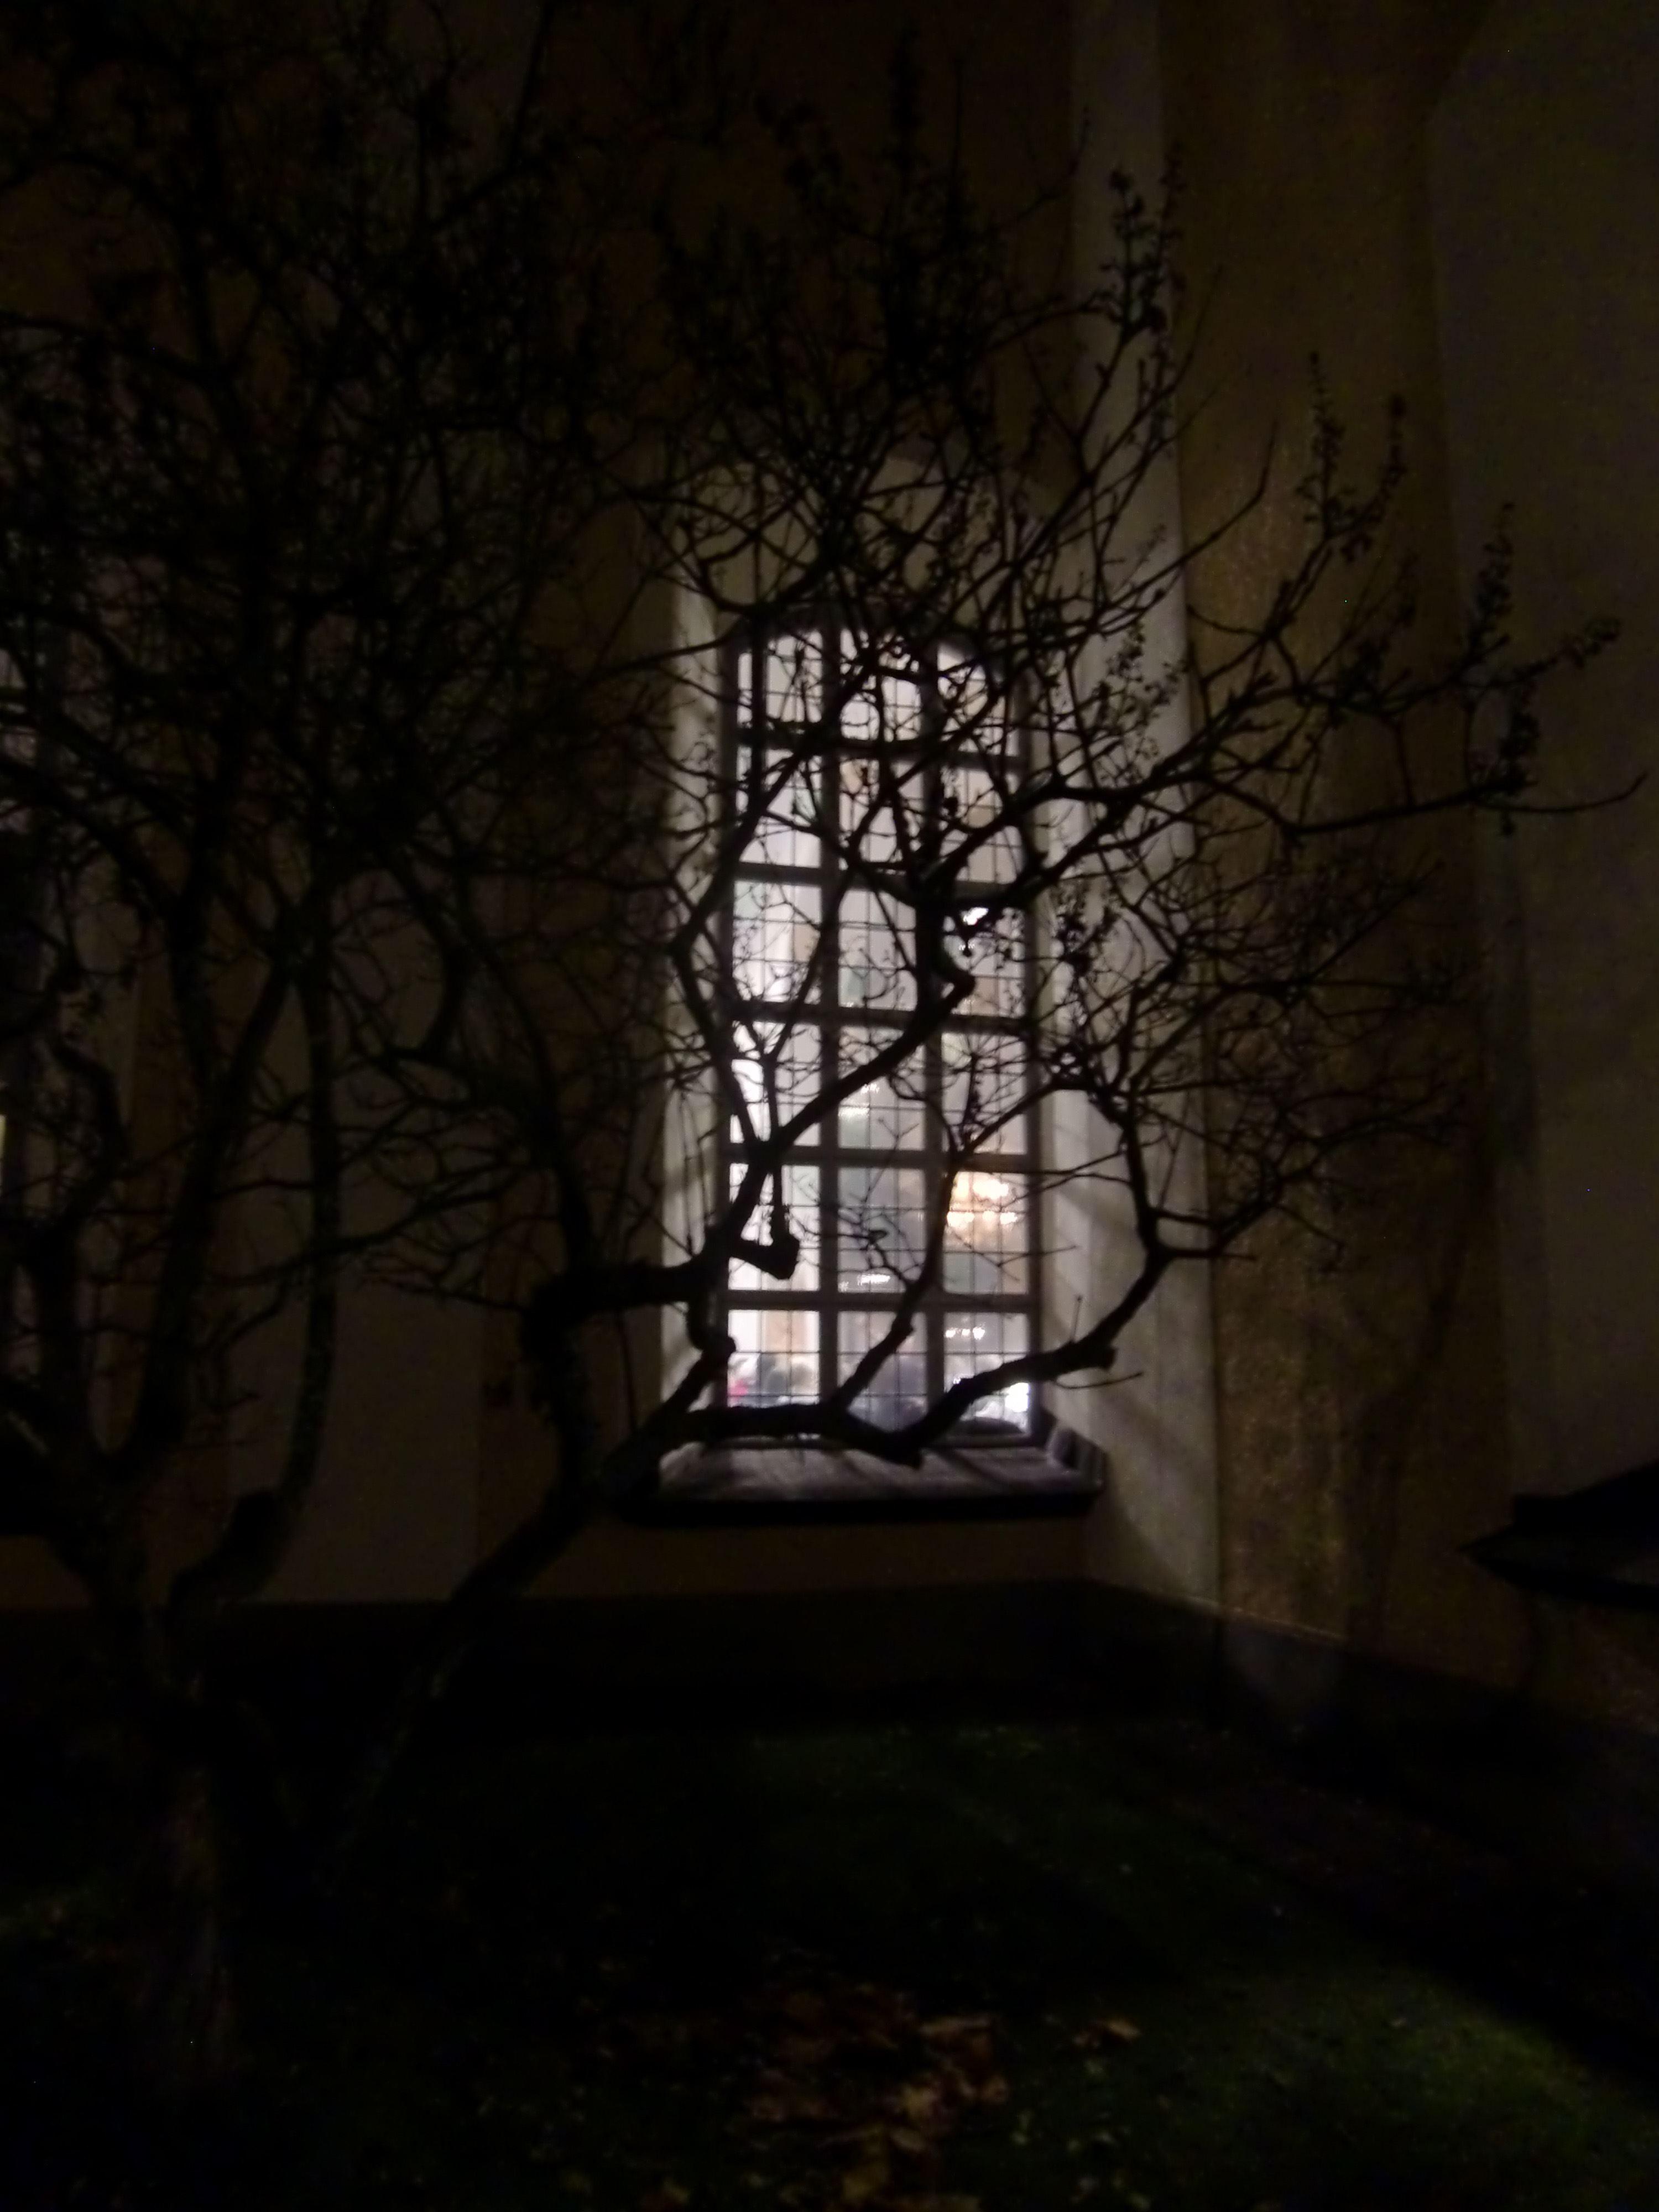 Visning av julutställningen -  Från mörker till ljus